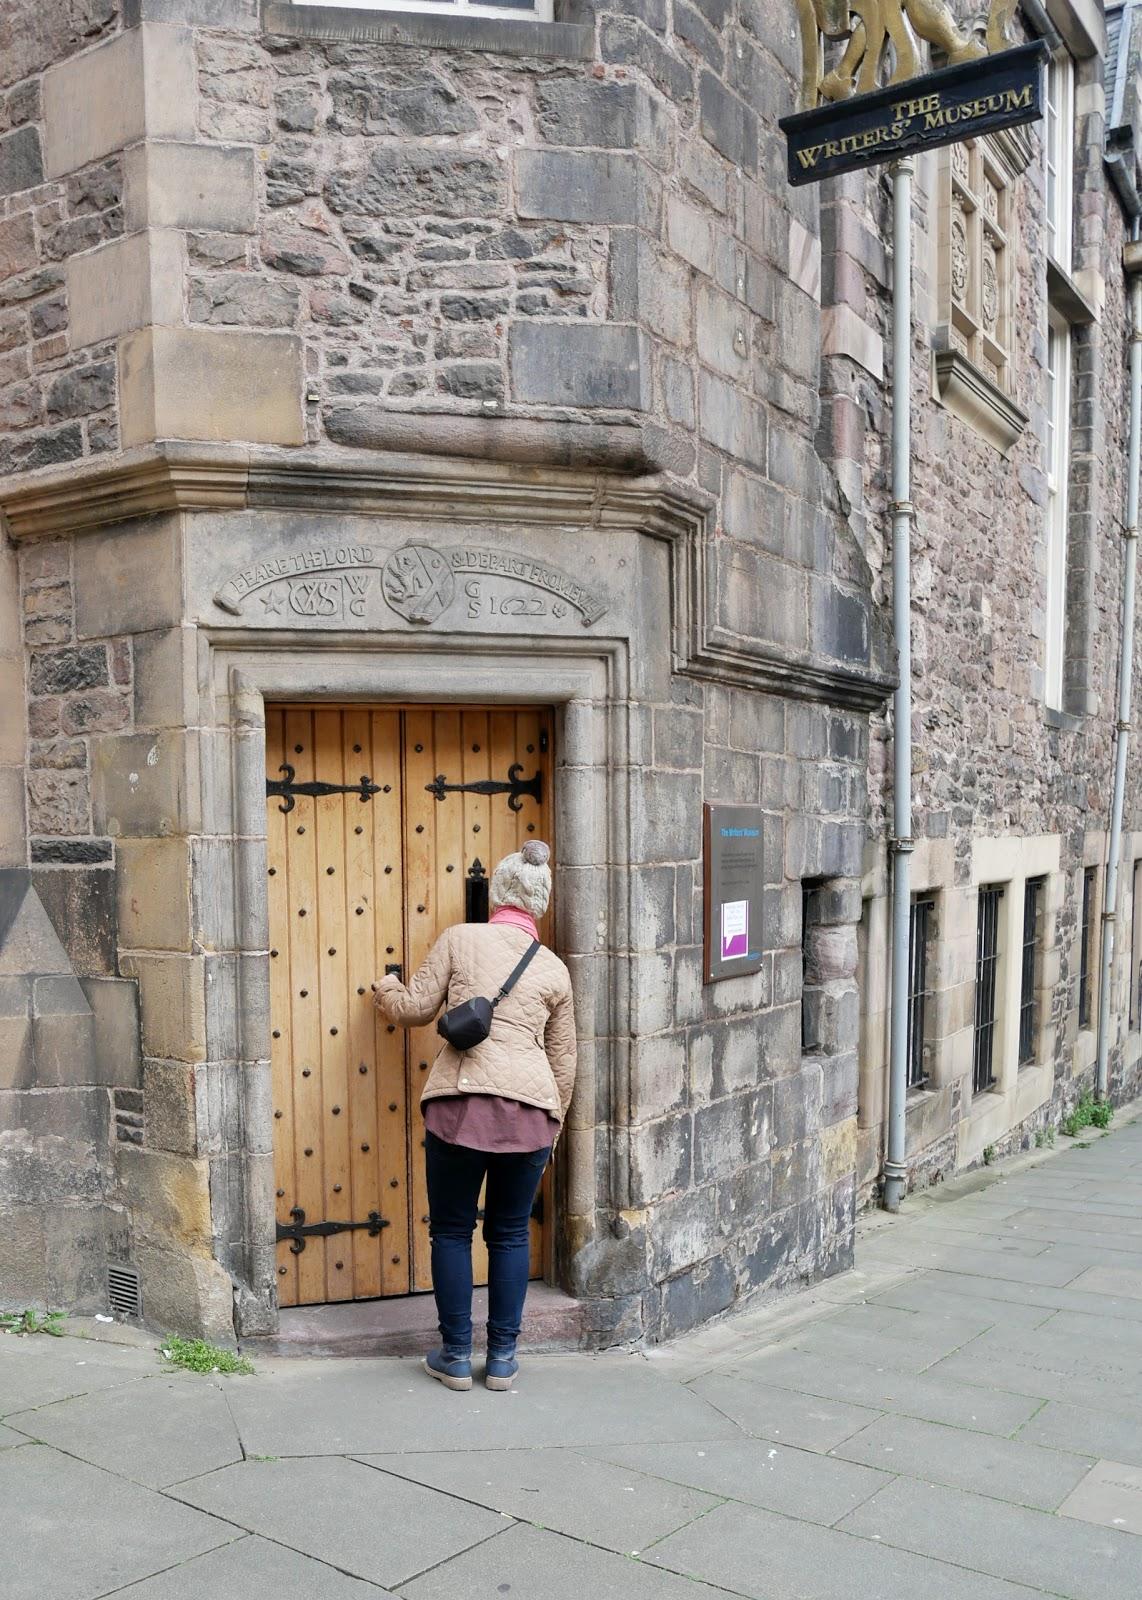 Menikmati Edinburgh dengan Sebaik-baiknya